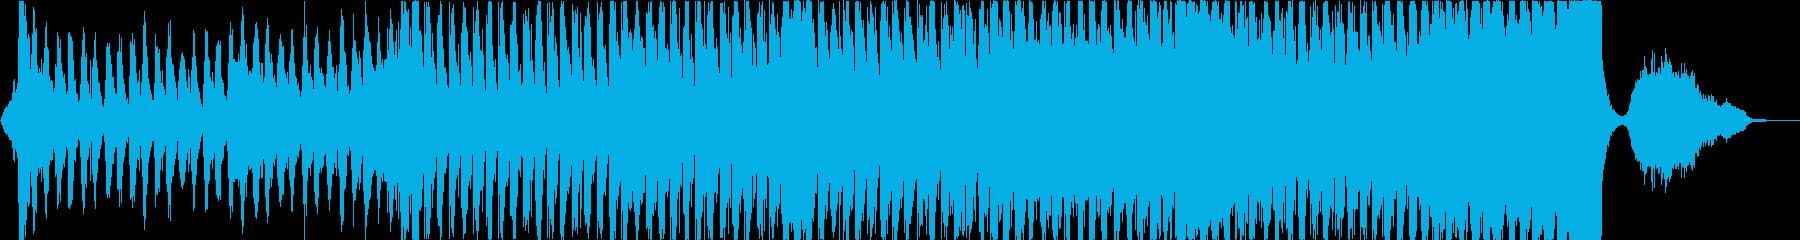 「希望vs絶望」大作映画風オーケストラの再生済みの波形